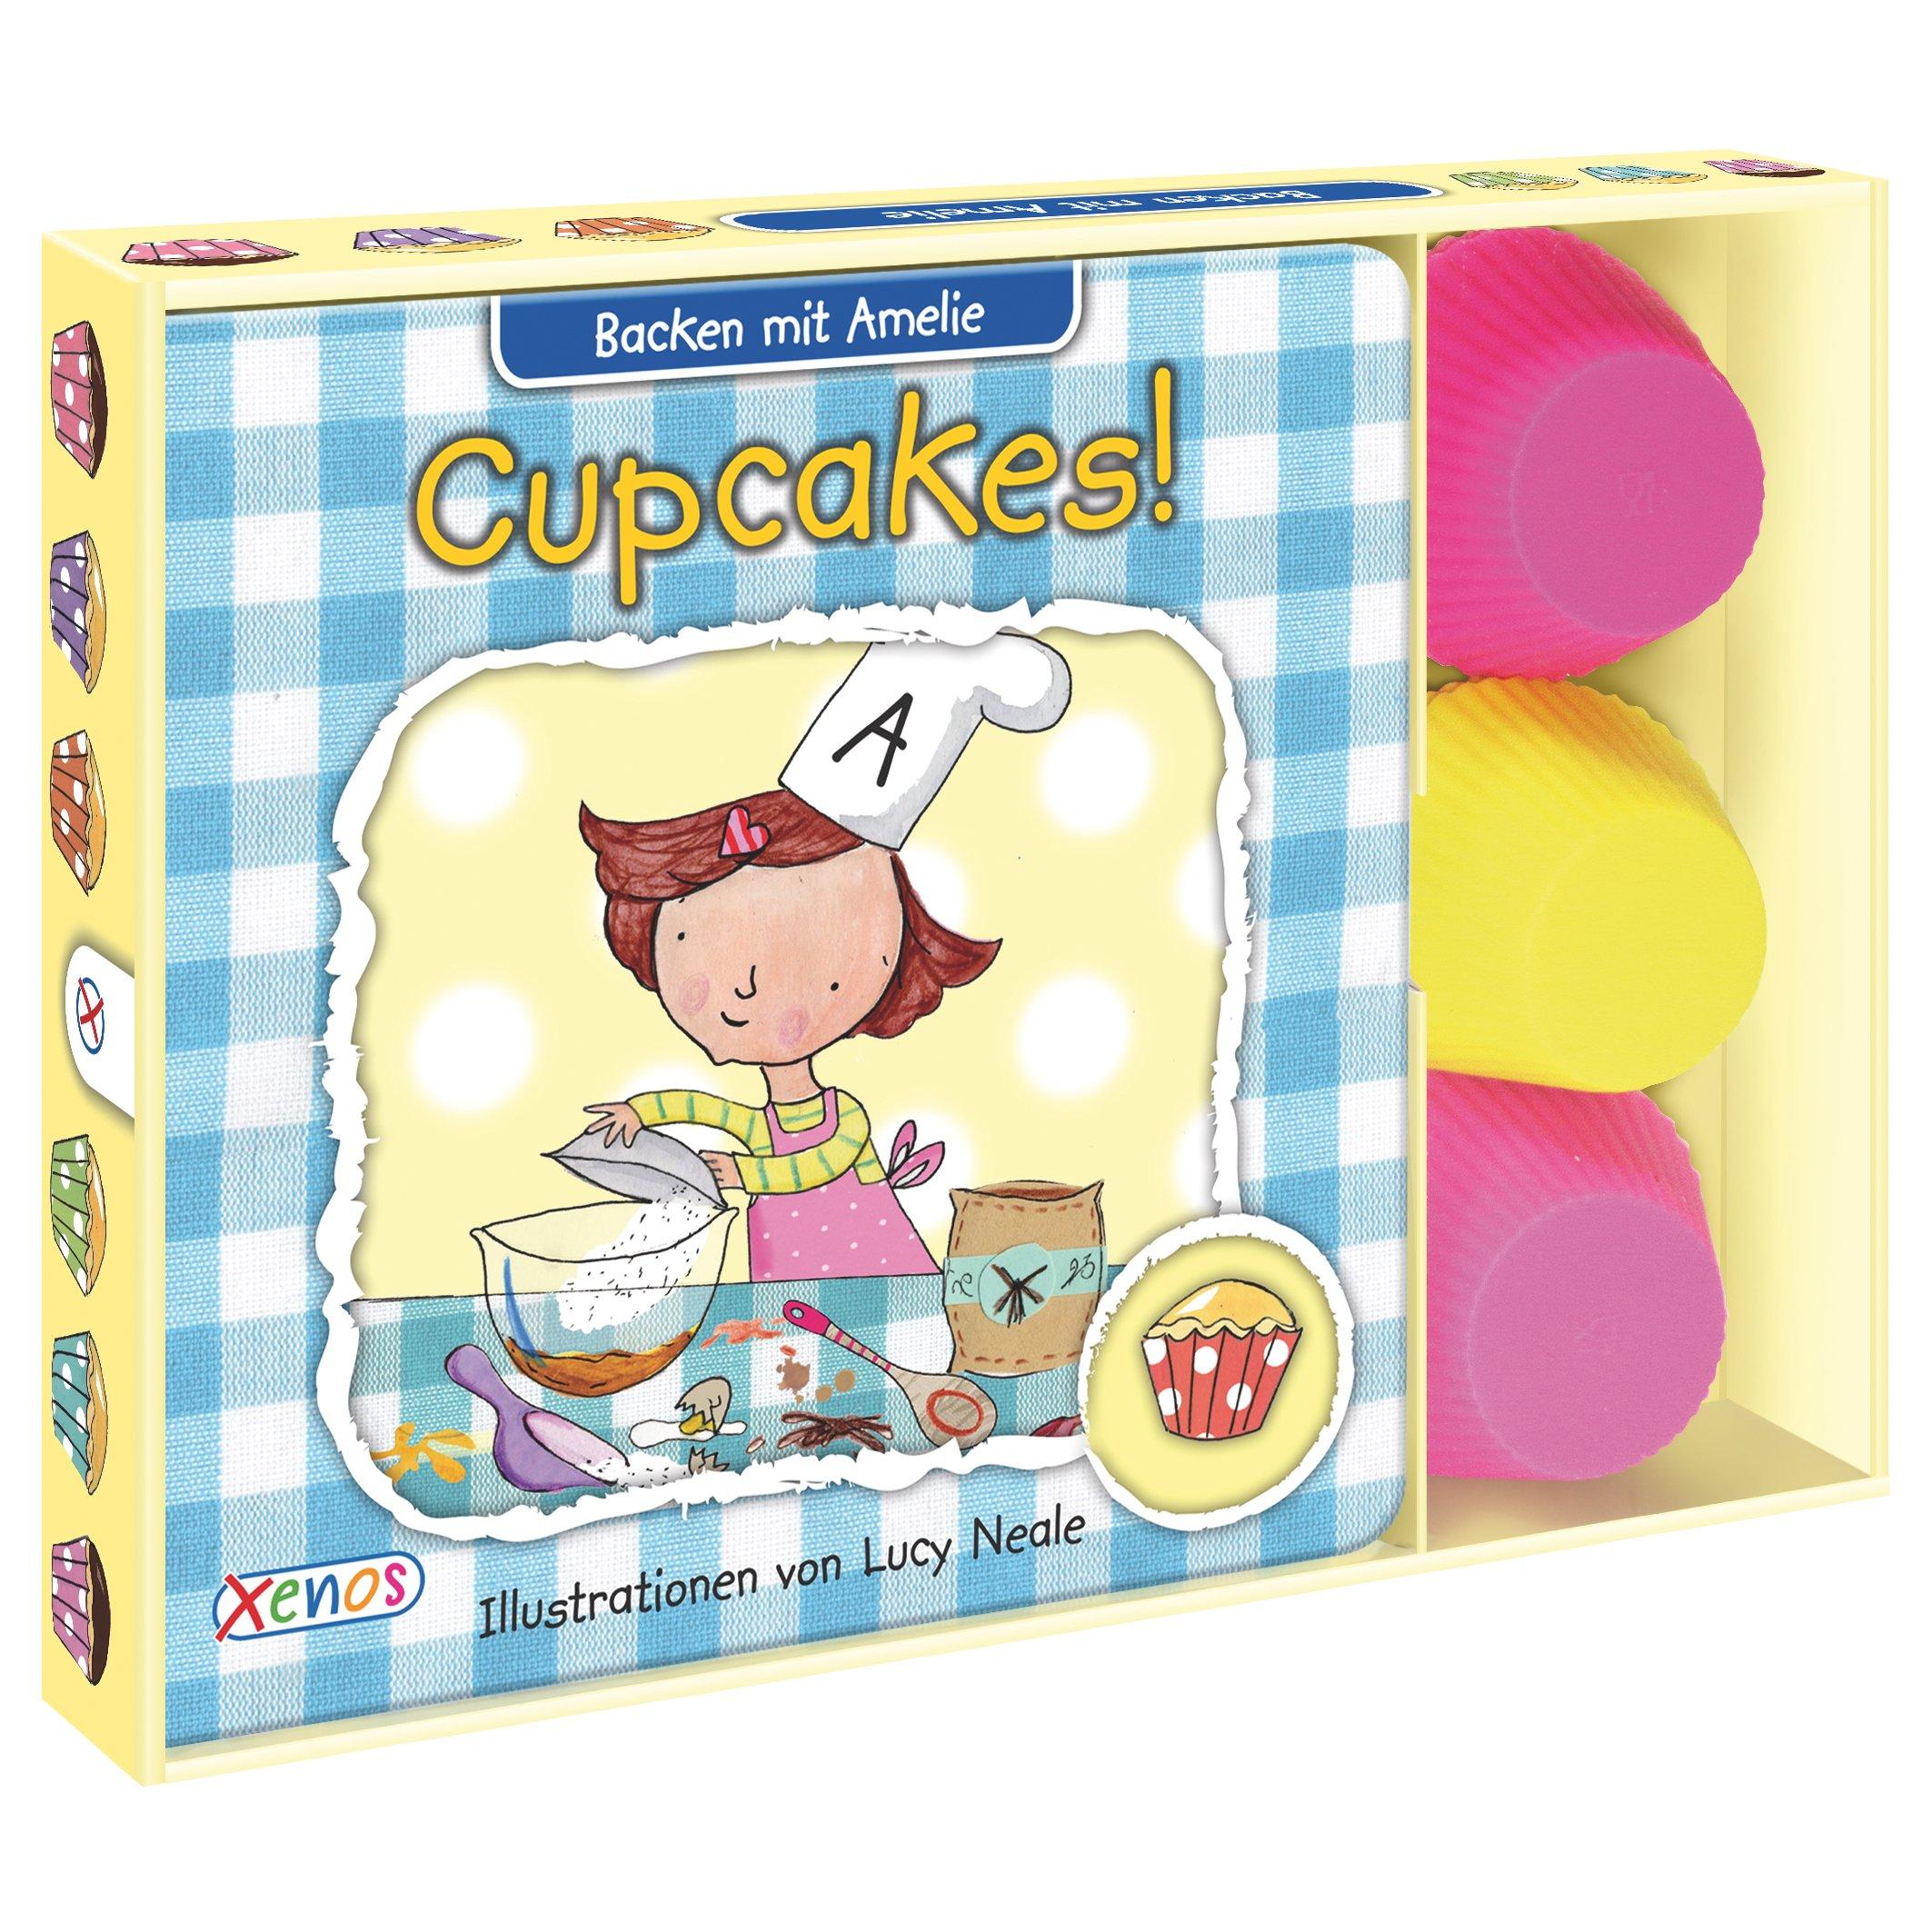 Wir backen Cupcakes!: Mit 6 Cupcake-Förmchen aus Silikon. (Backen mit Amelie)